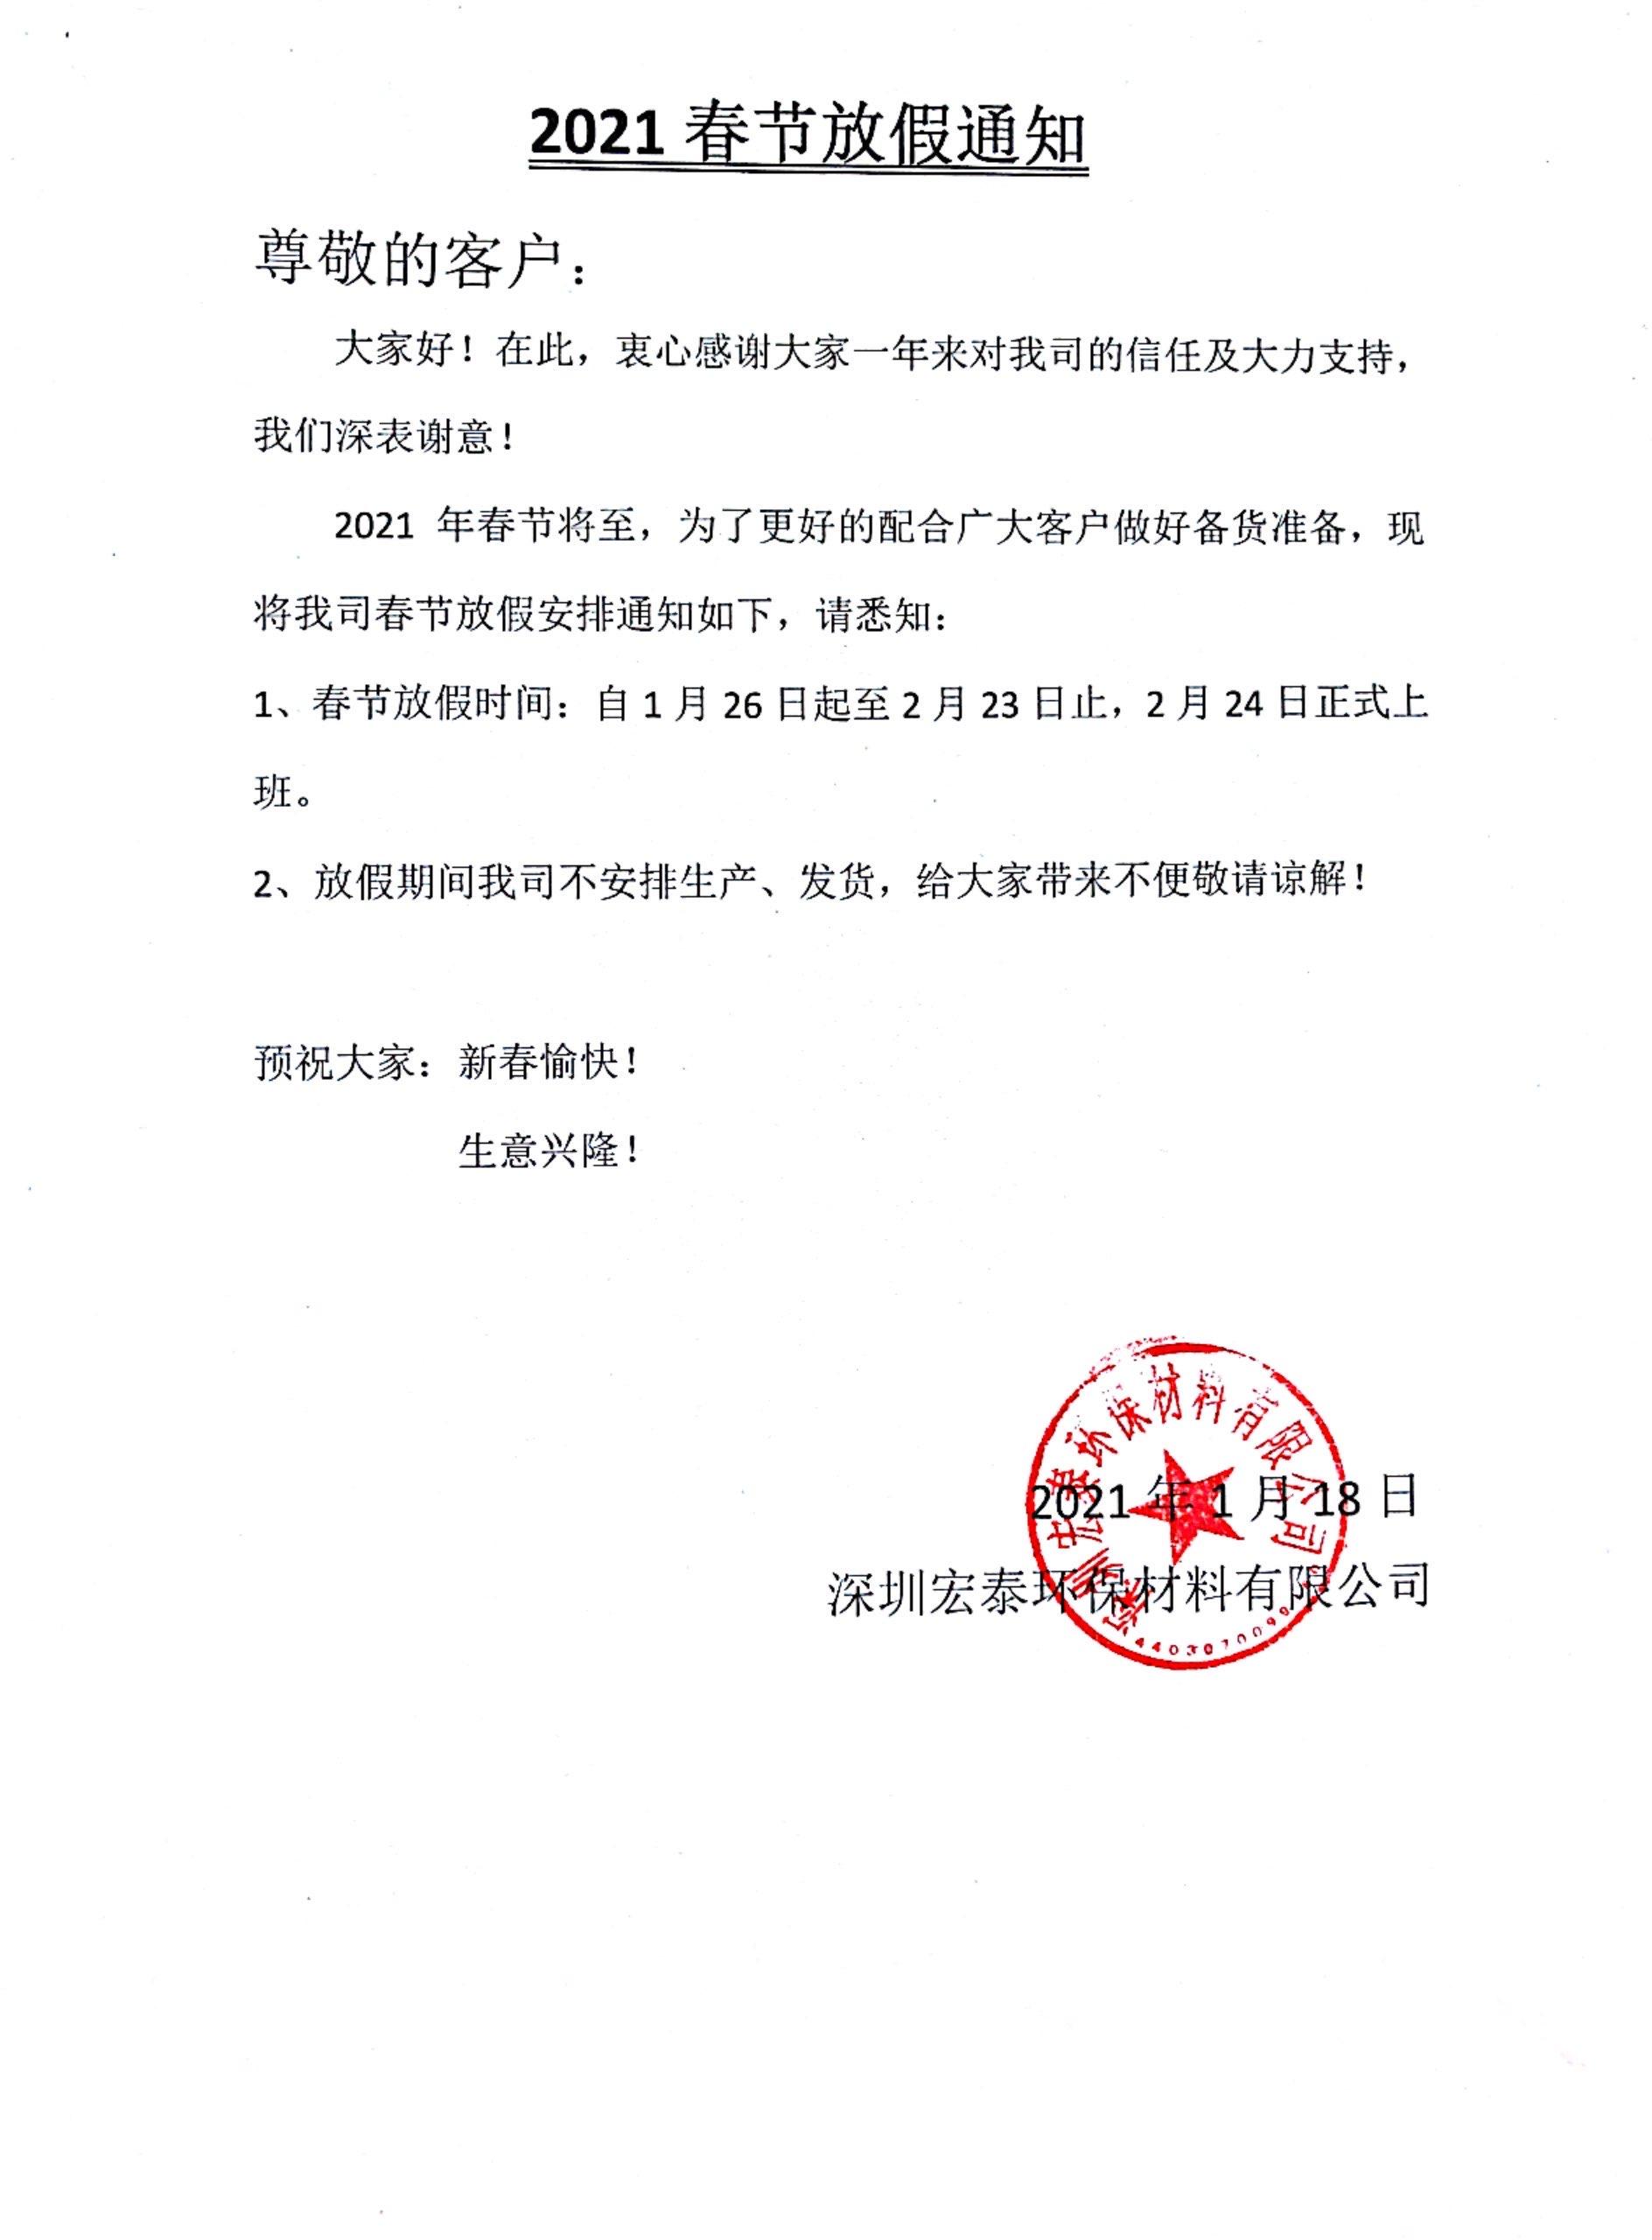 关于汉林水性腻子'2021春节放假的通知